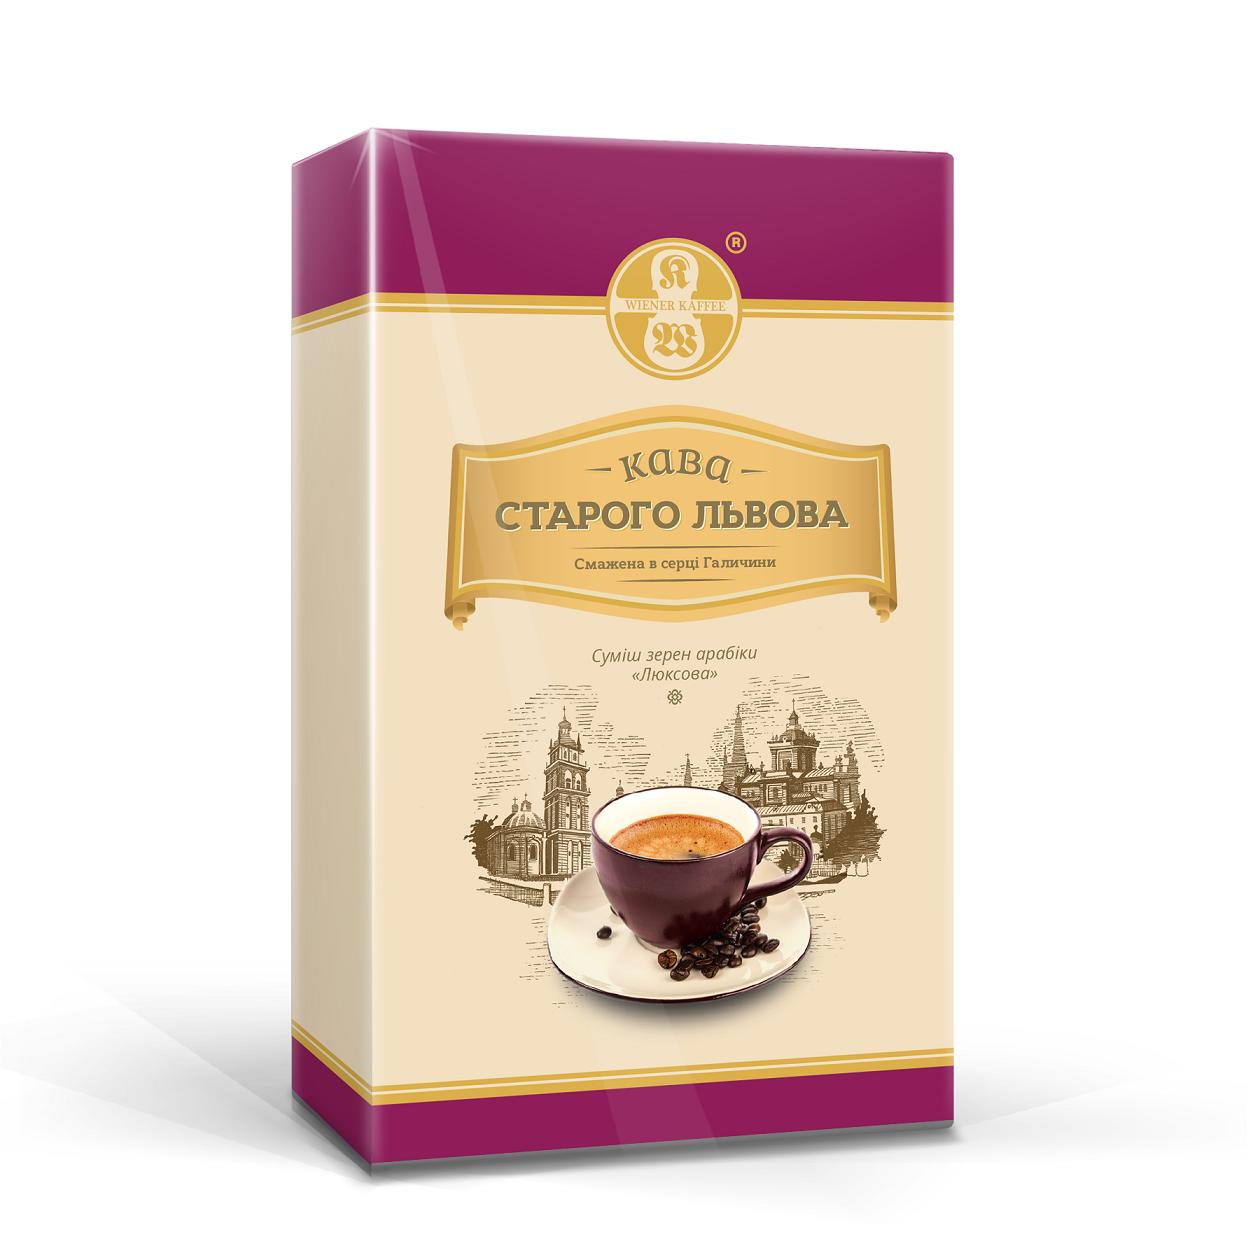 Молотый кофе Кава Старого Львова Люксова250 грамм в вакуумной упаковке